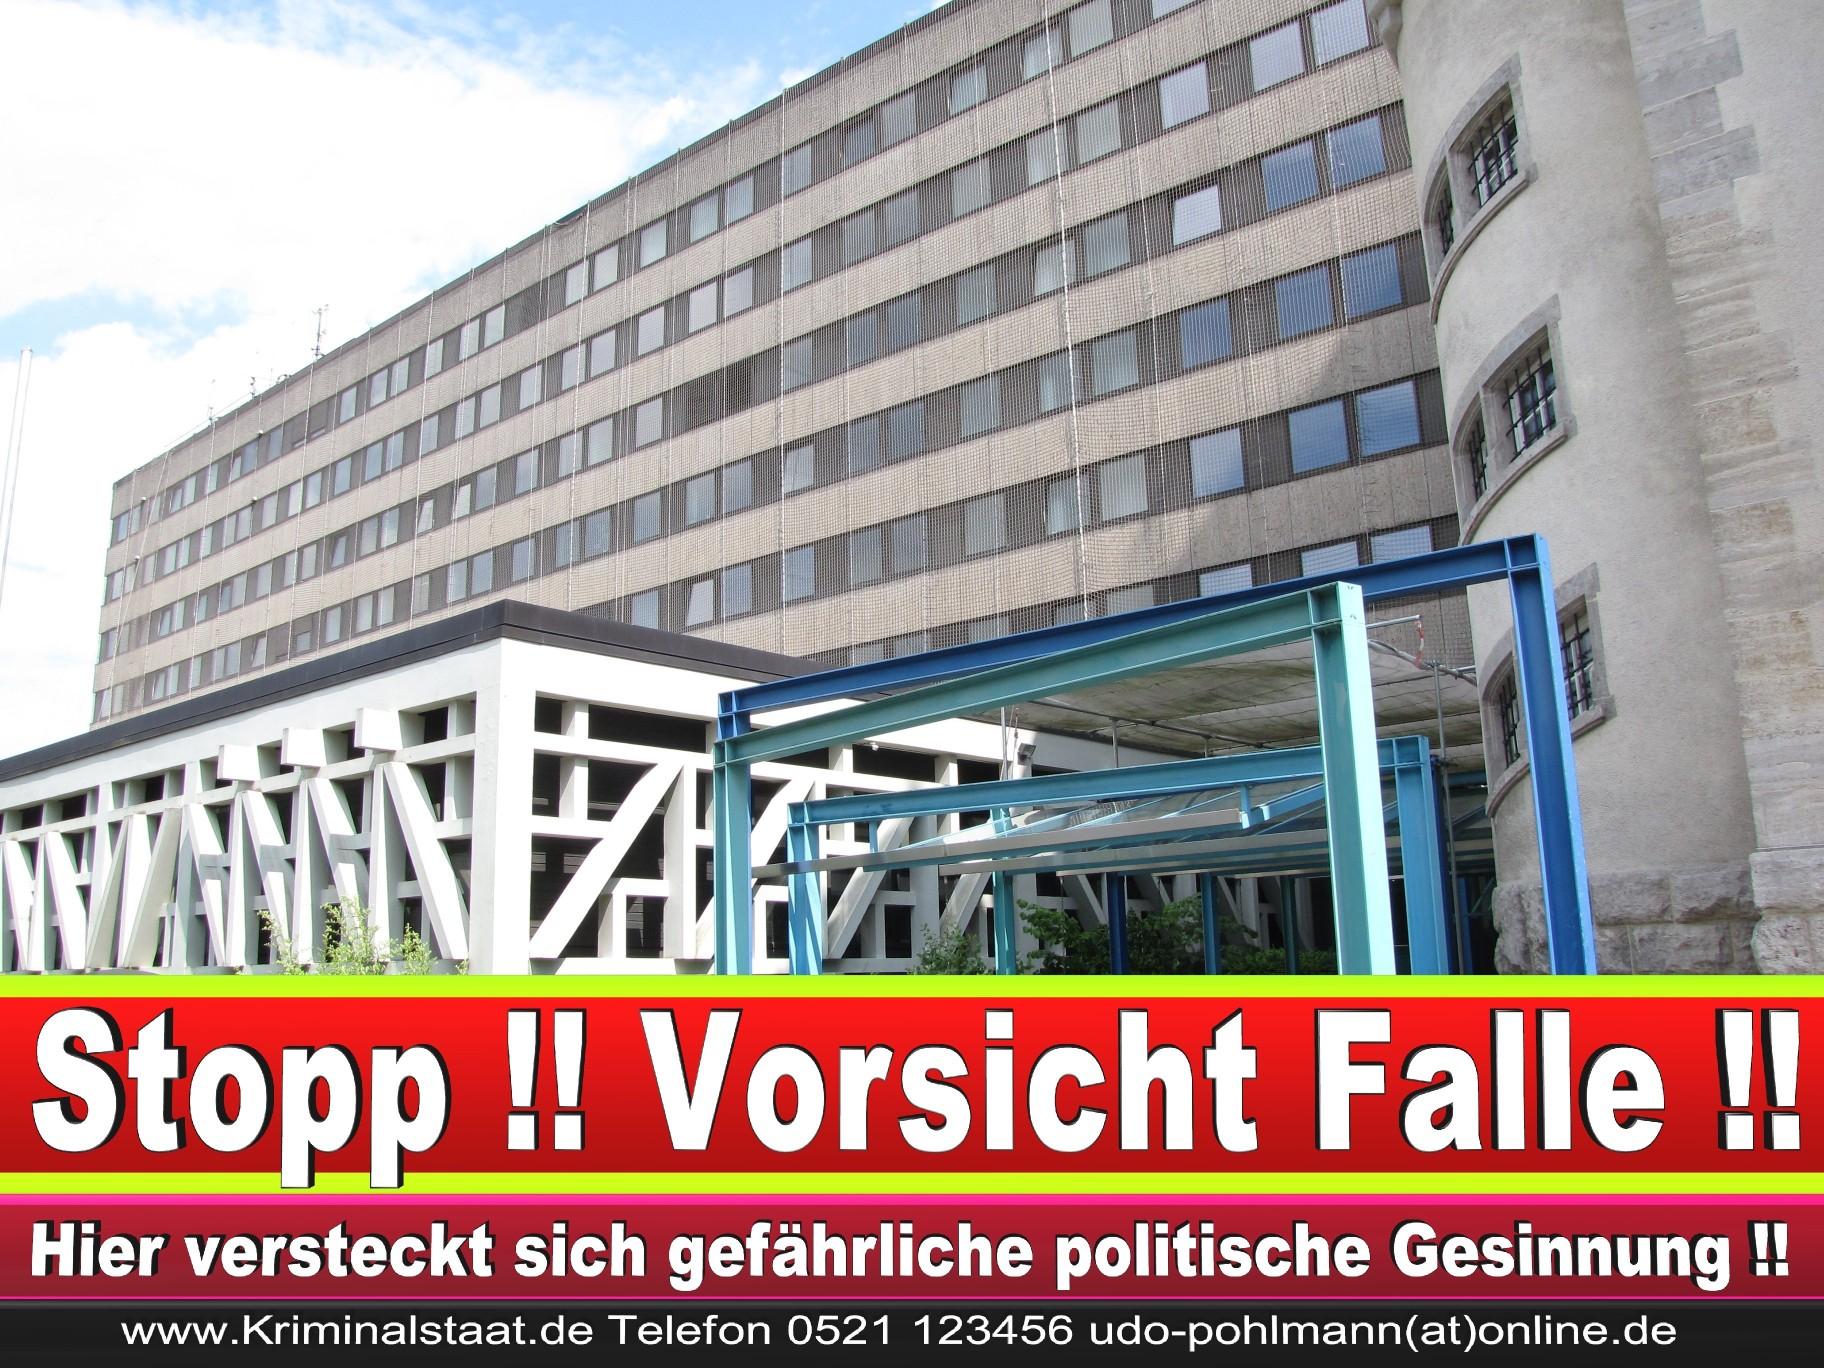 CDU Landgericht Bielefeld Landgerichtspräsident Klaus Petermann Hochstraße Bünde Jens Gnisa Richterbund Richtervereinigung 6